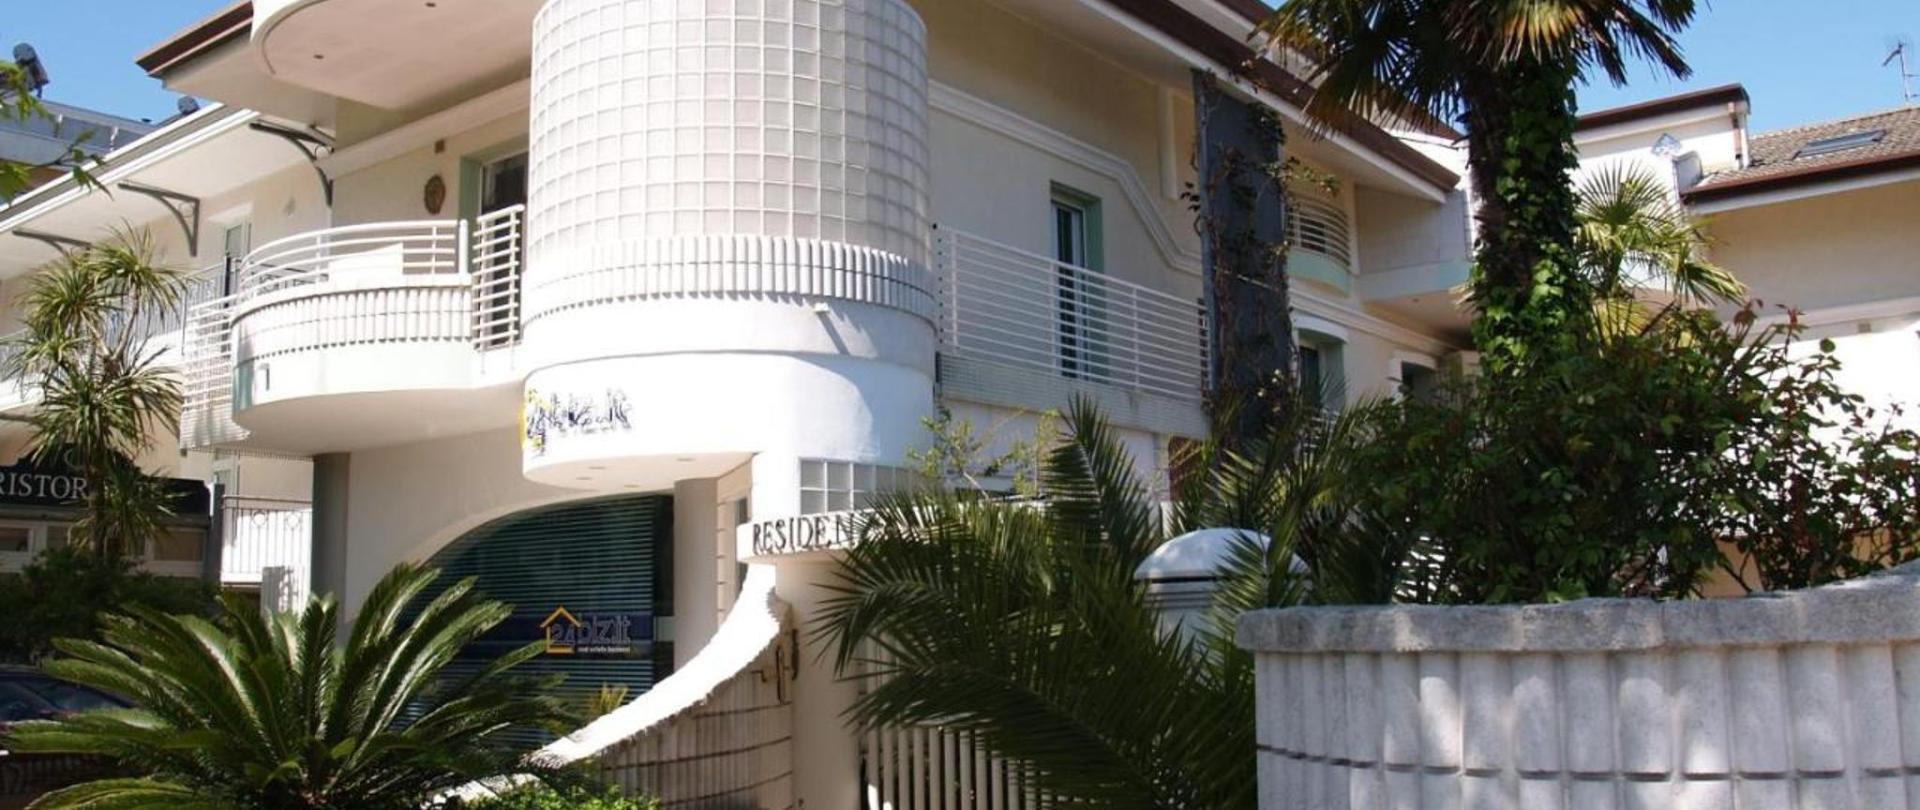 Residenza Zaccolo, appartamenti a Lignano Sabbiadoro